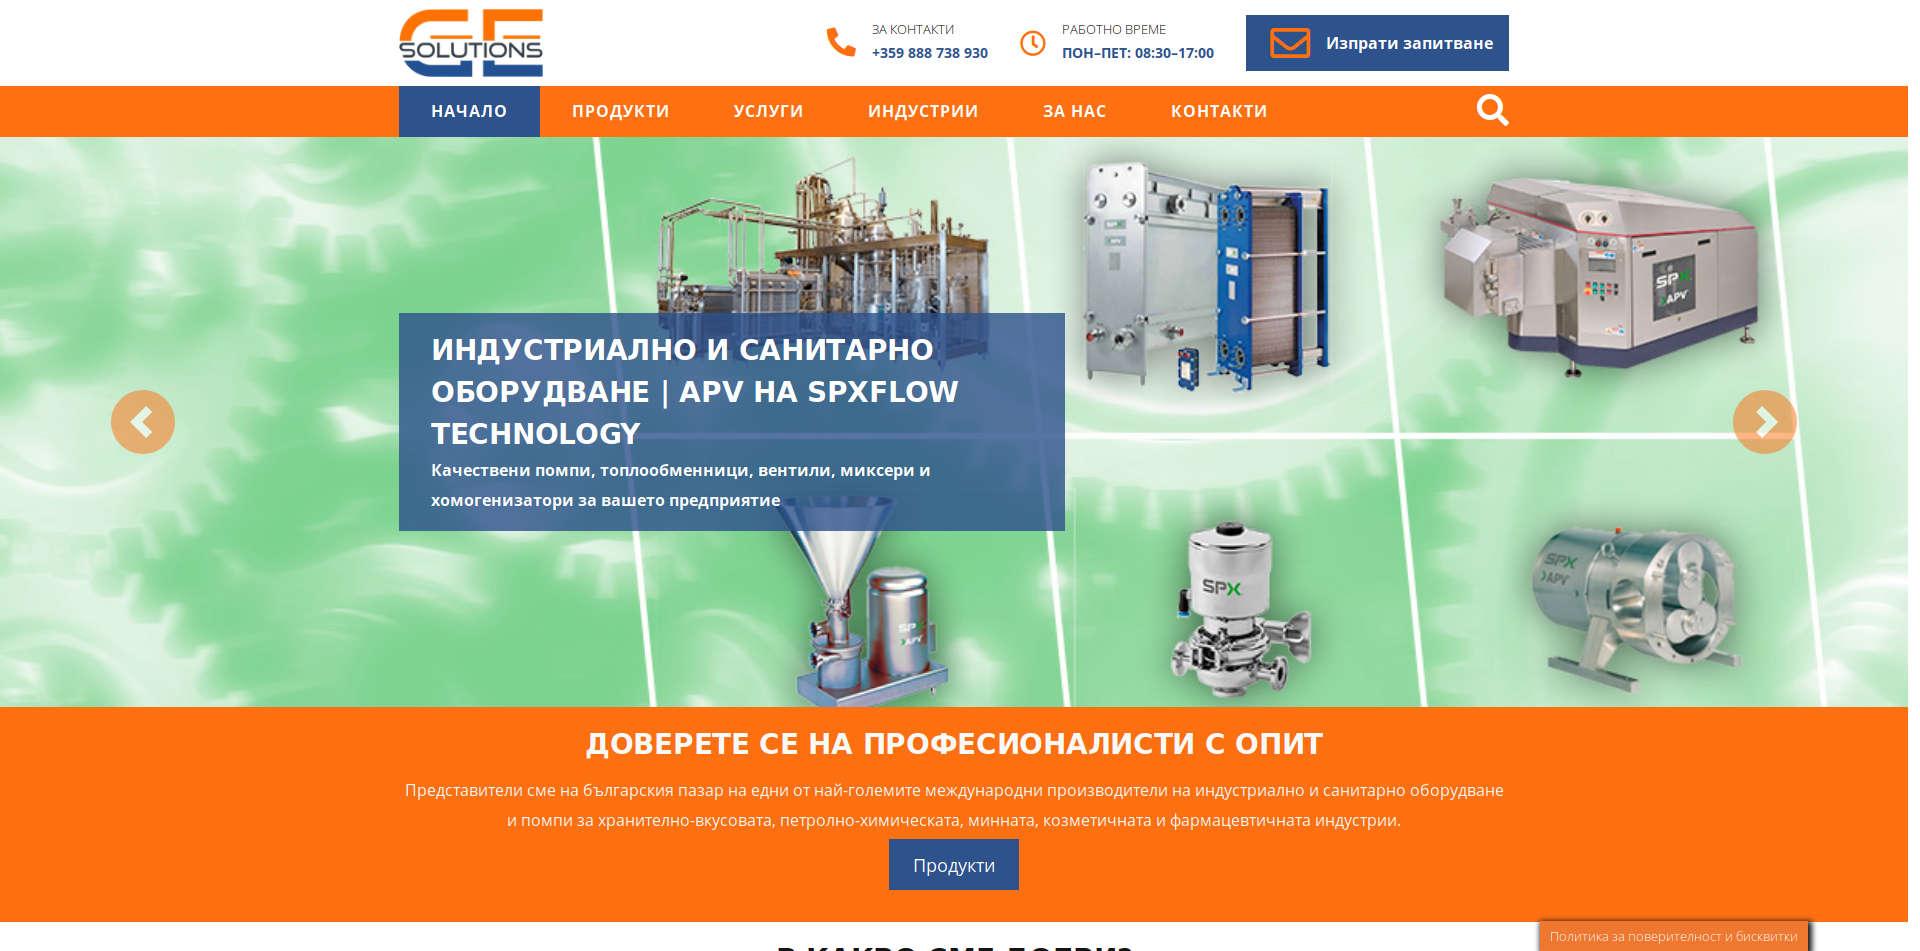 Homepage screenshot website rebuild of GE Solutions